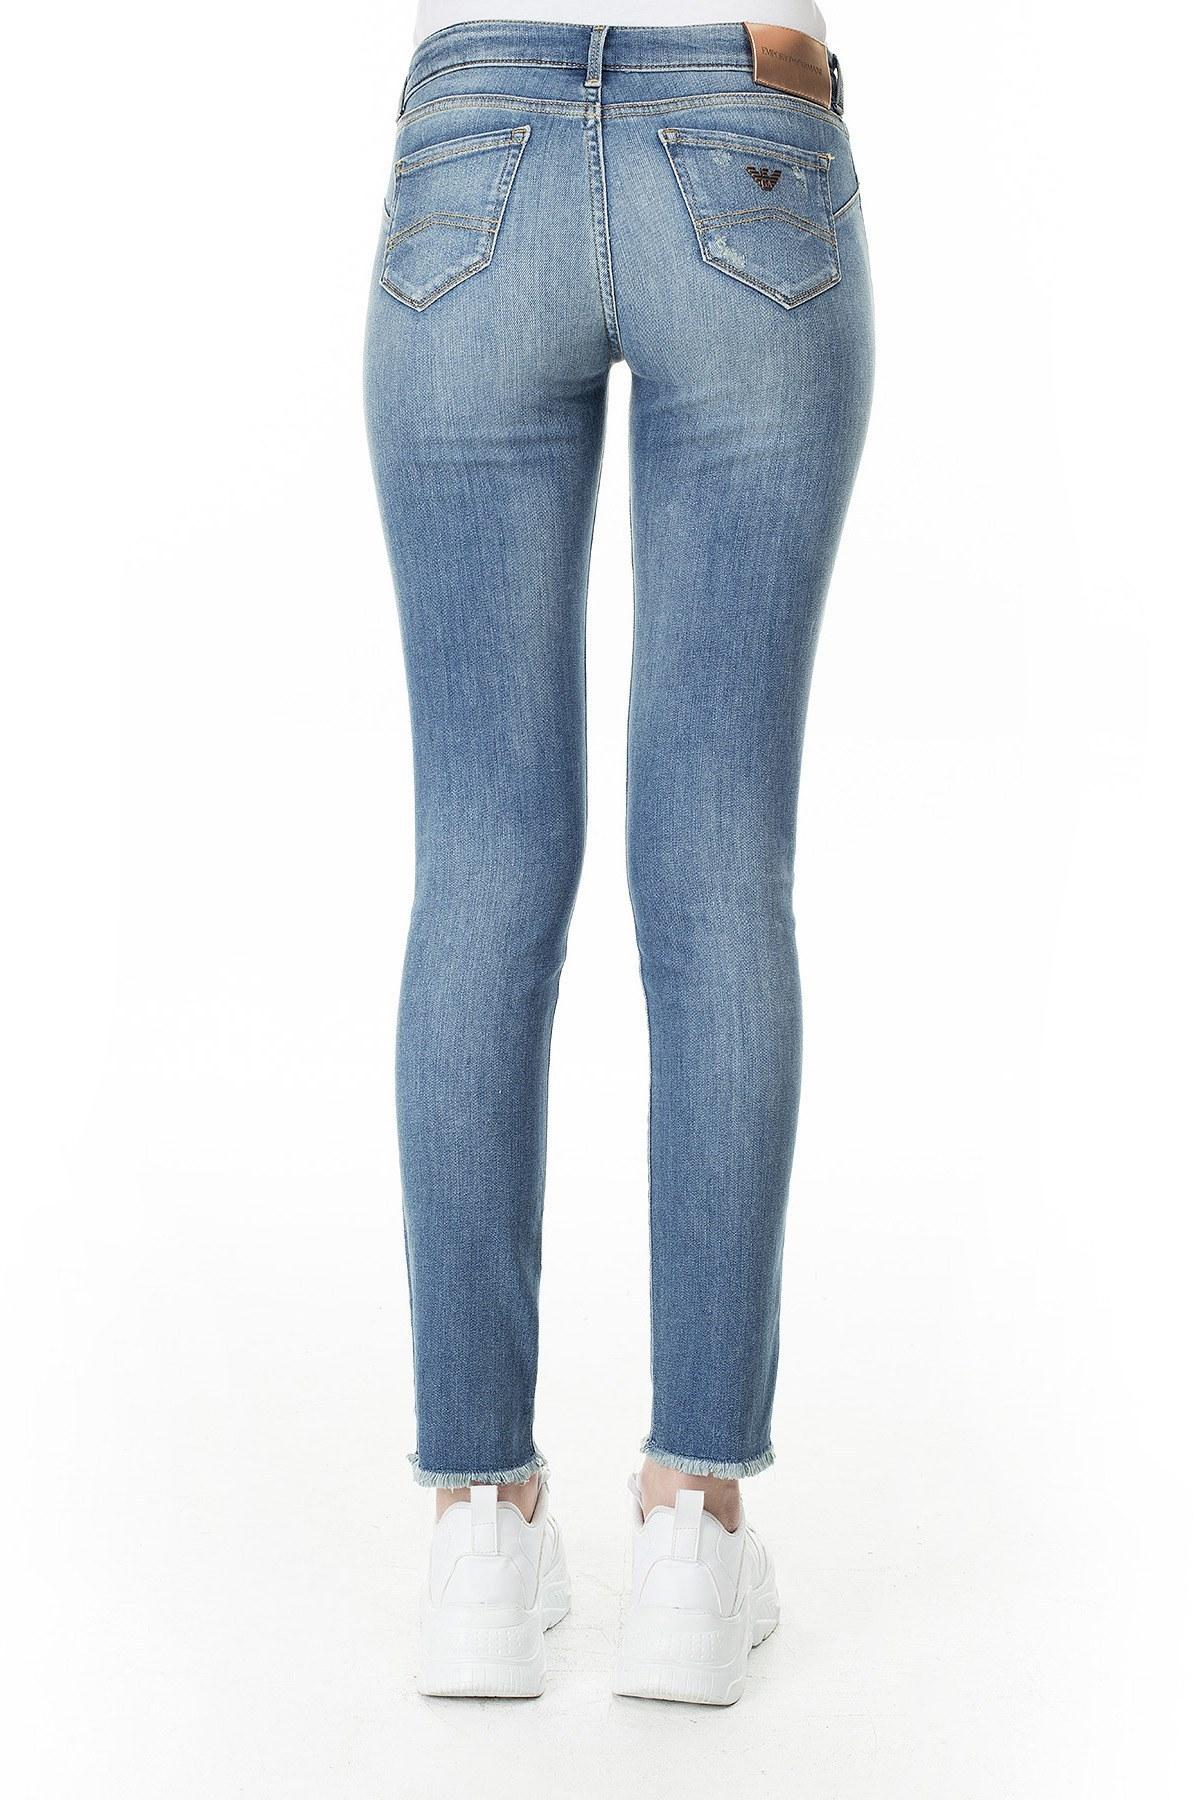 Emporio Armani J23 Jeans Bayan Kot Pantolon 3H2J23 2D3RZ 0941 MAVİ